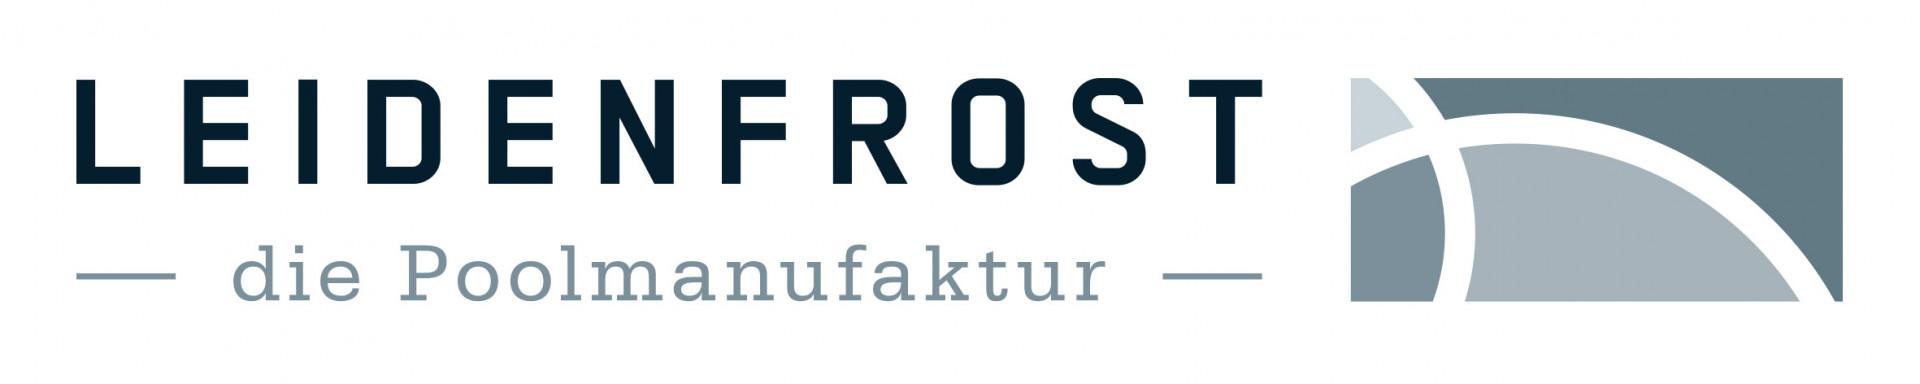 Leidenfrost